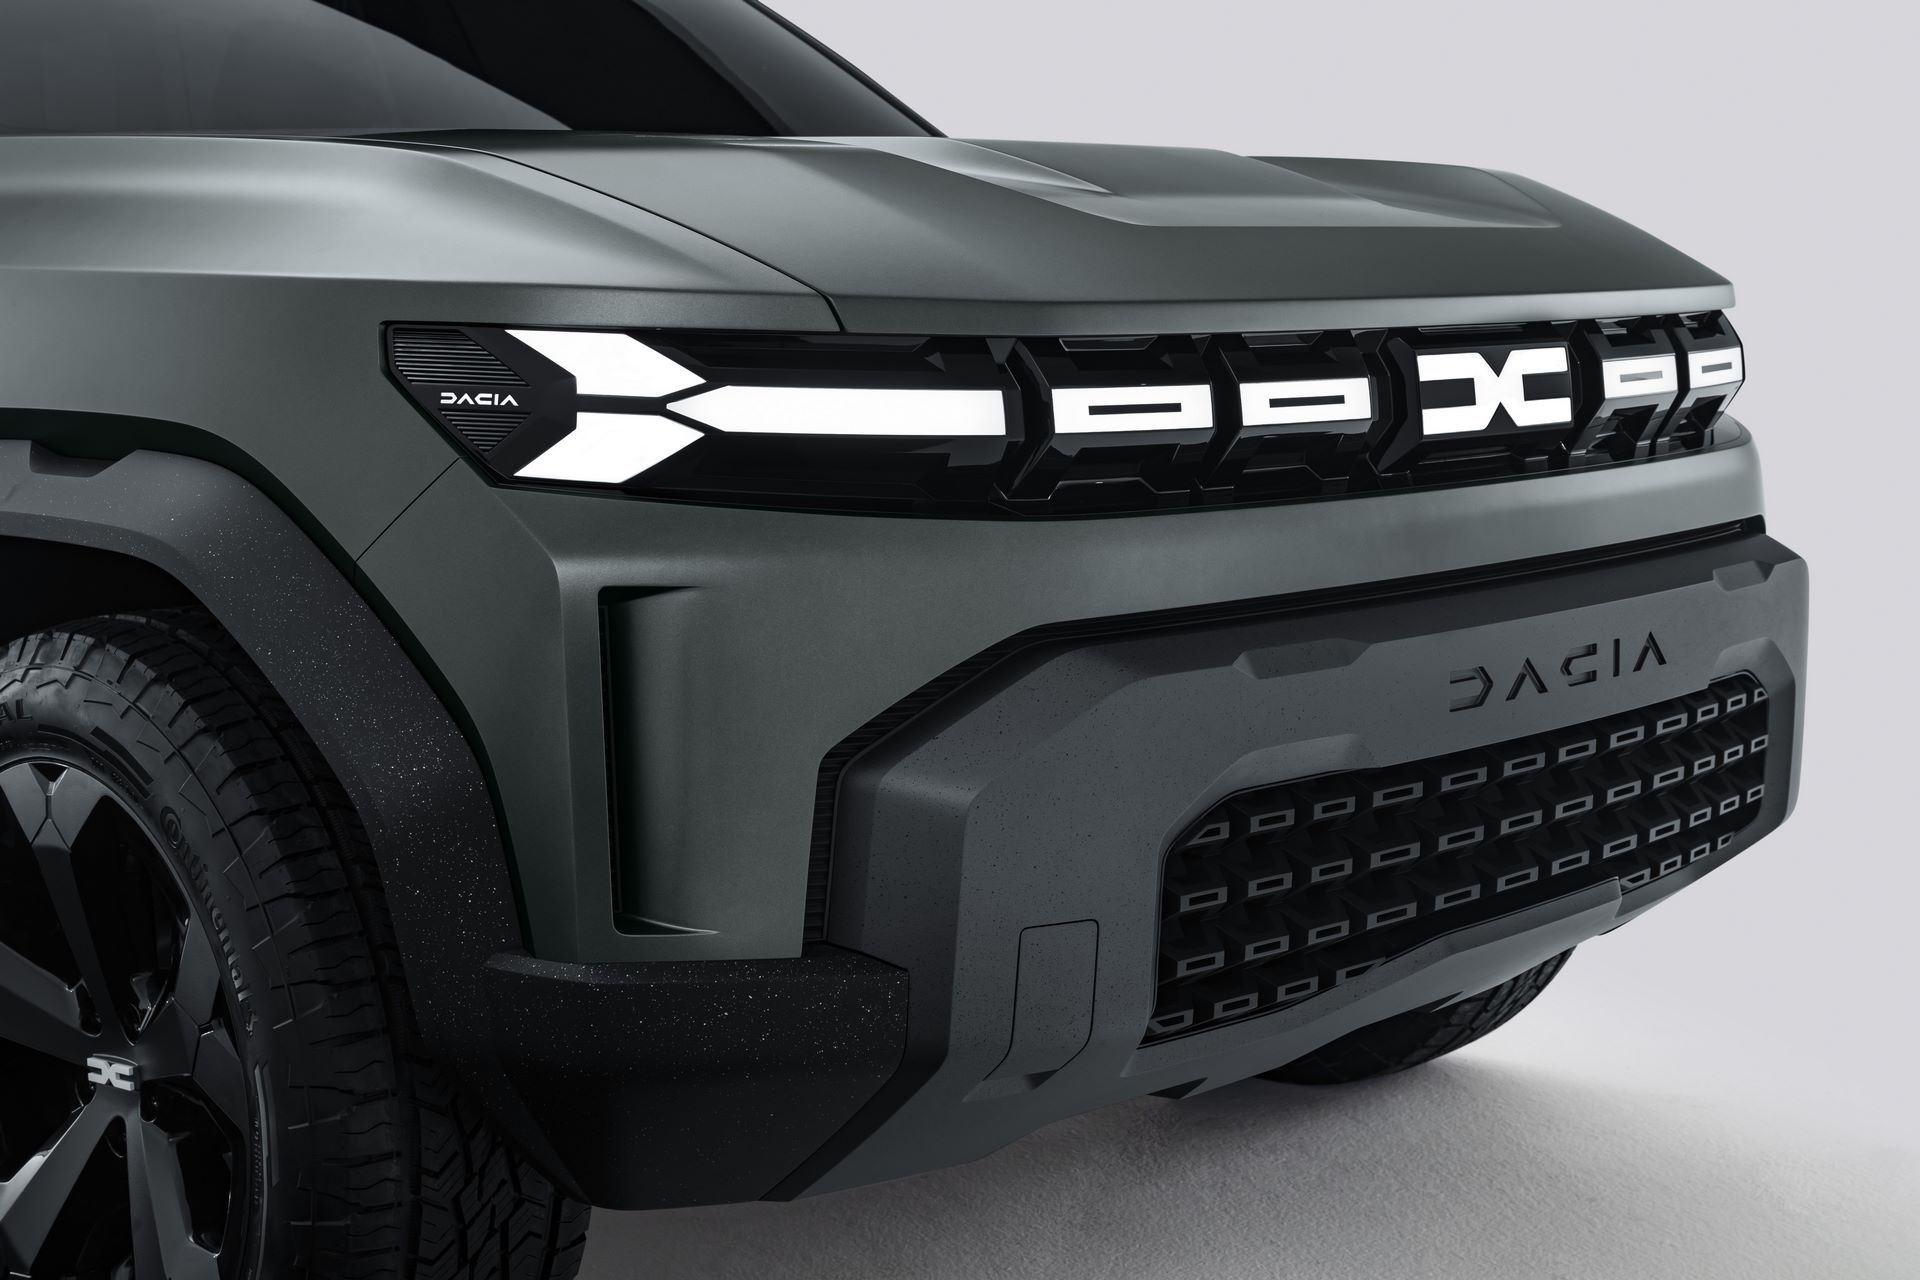 7-2021-Dacia-Bigster-Concept